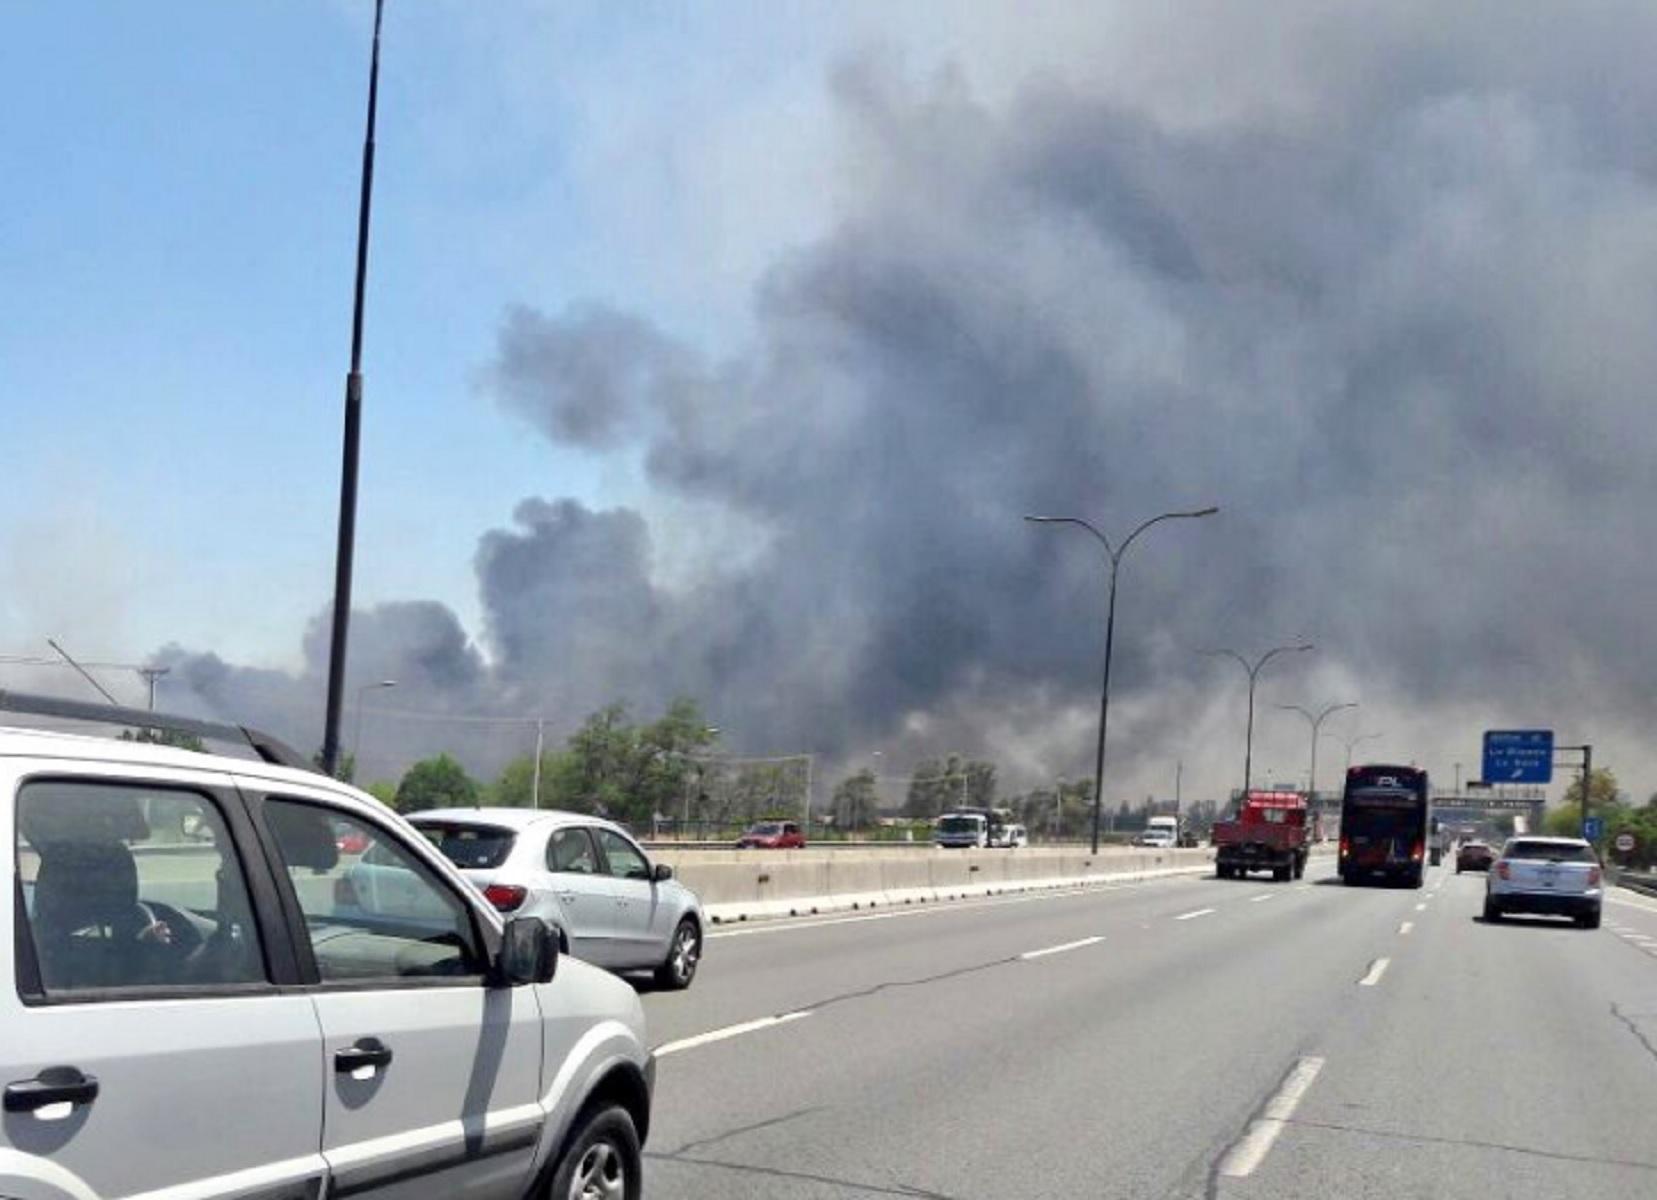 Ministerio Público indaga presunta intencionalidad de incendio en San Bernardo